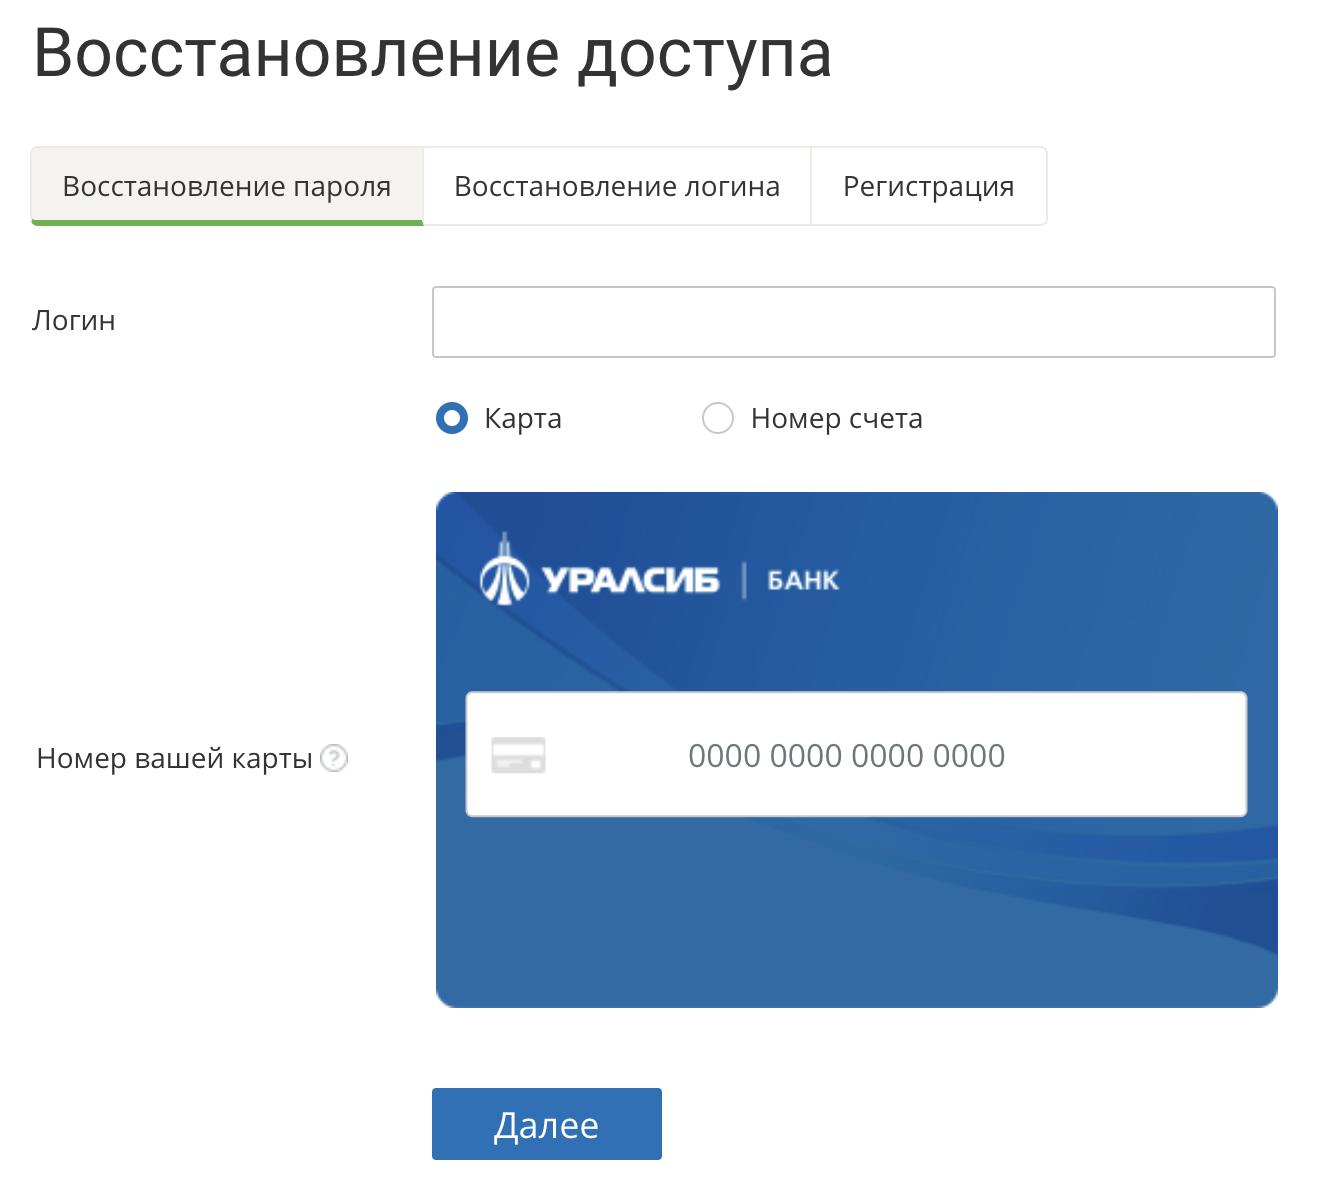 Как восстановить пароль от личного кабинета Уралсиб банка